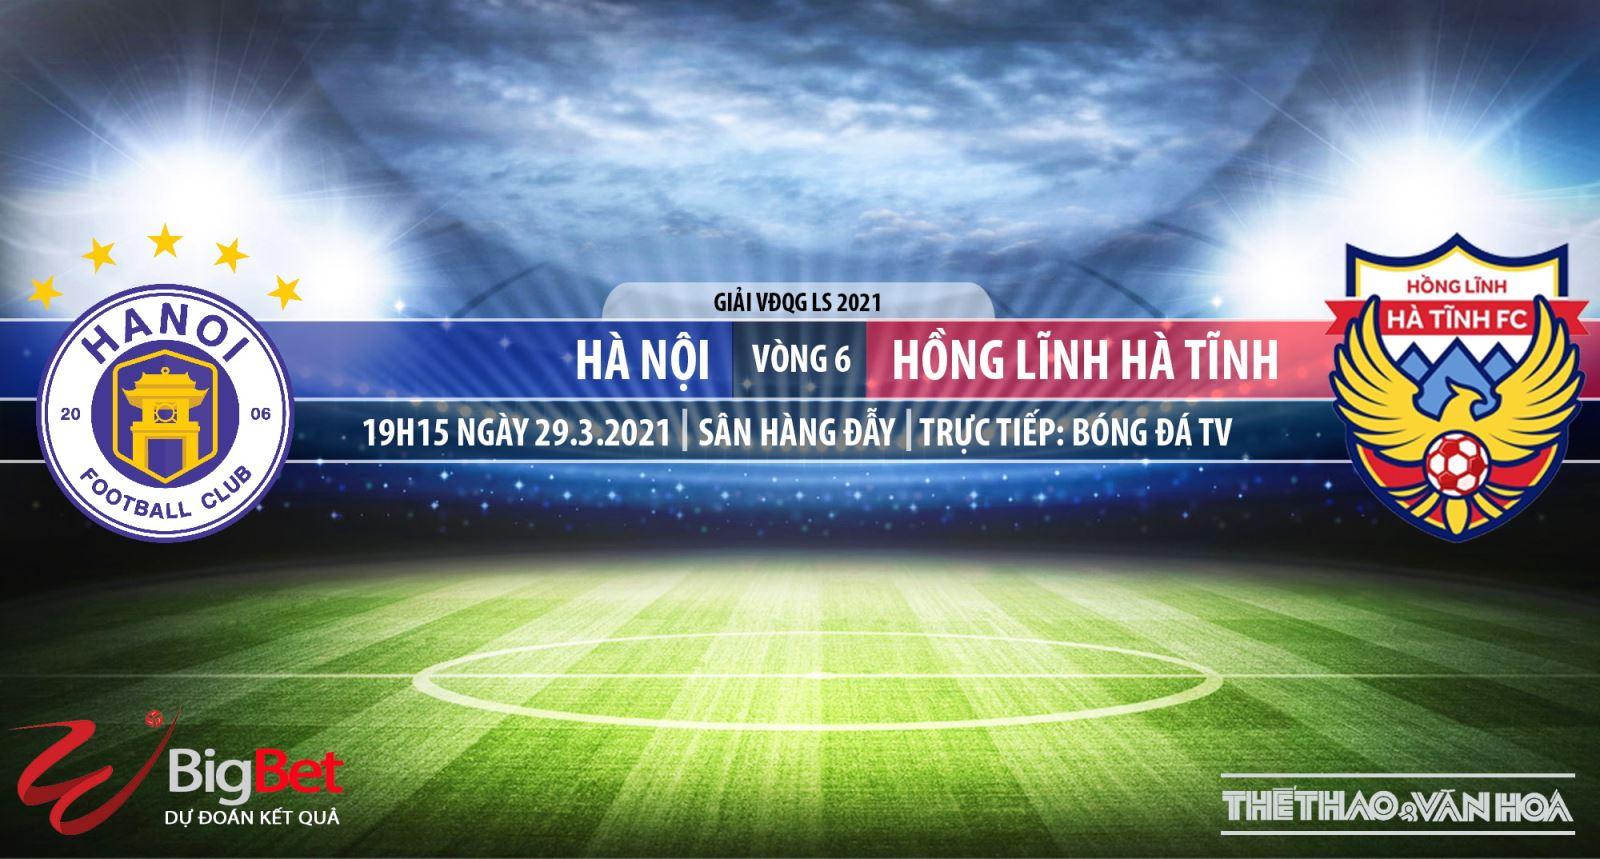 Soi kèo nhà cái Hà Nội vs Hà Tĩnh. BĐTV trực tiếp bóng đá V-League 2021